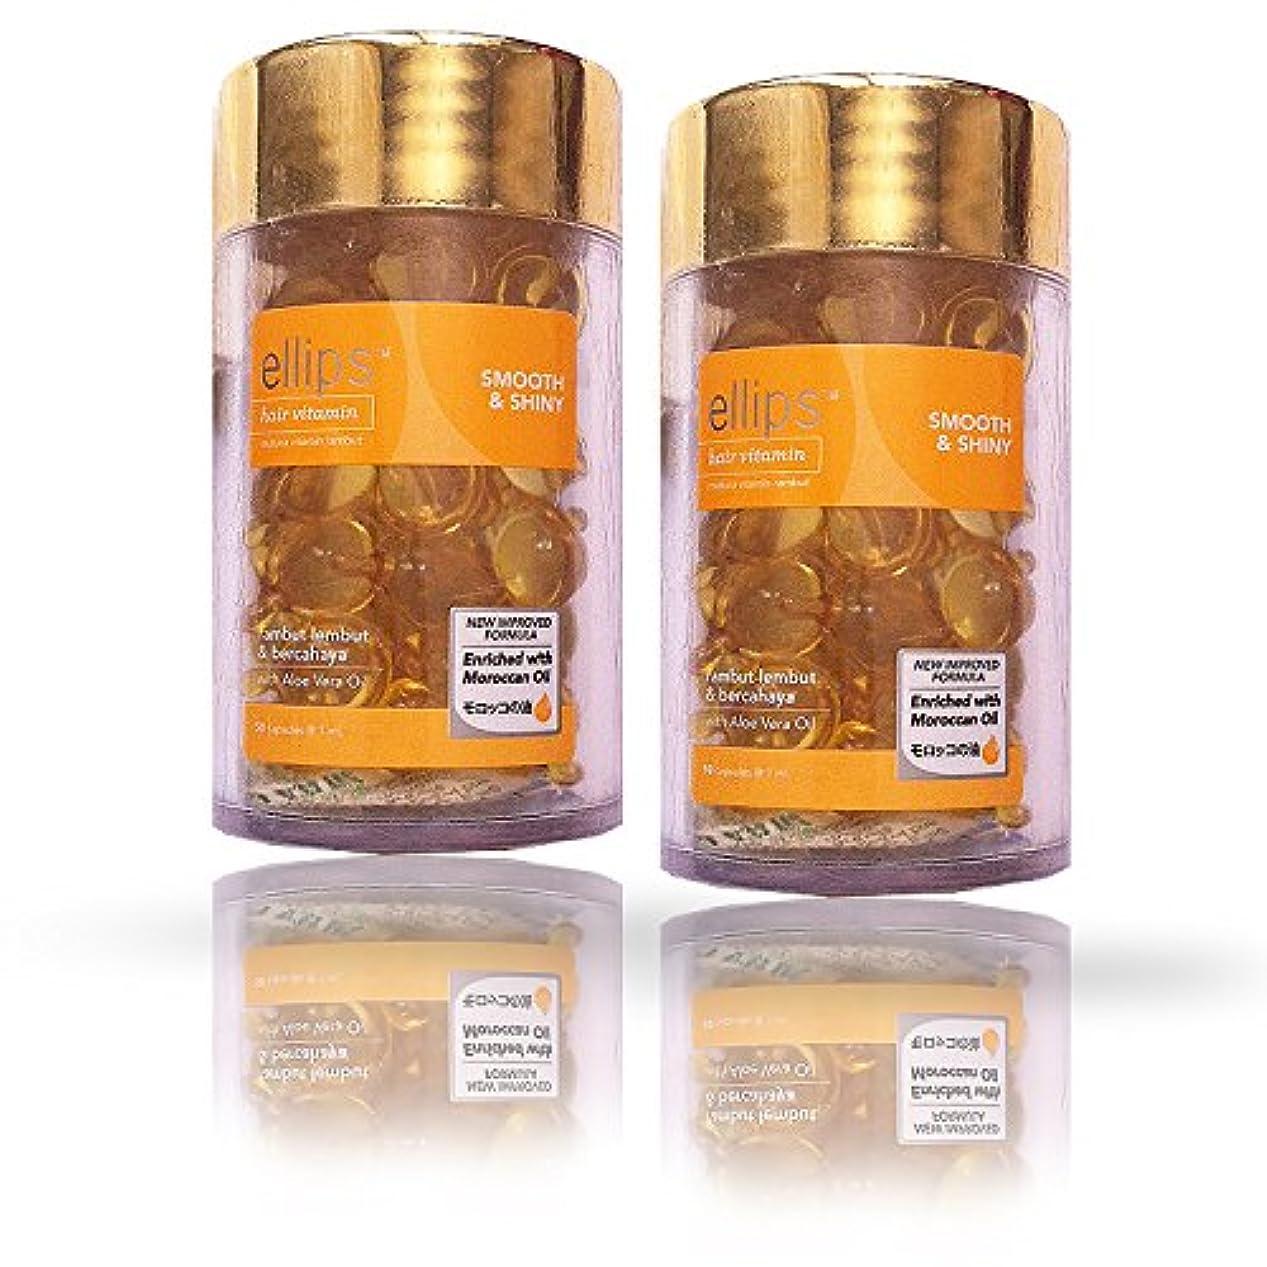 市長ウール賞賛エリップス(ellips)スムース&シャイニー(フレッシュ トロピカル フルーツの香り) ボトル50粒×2個